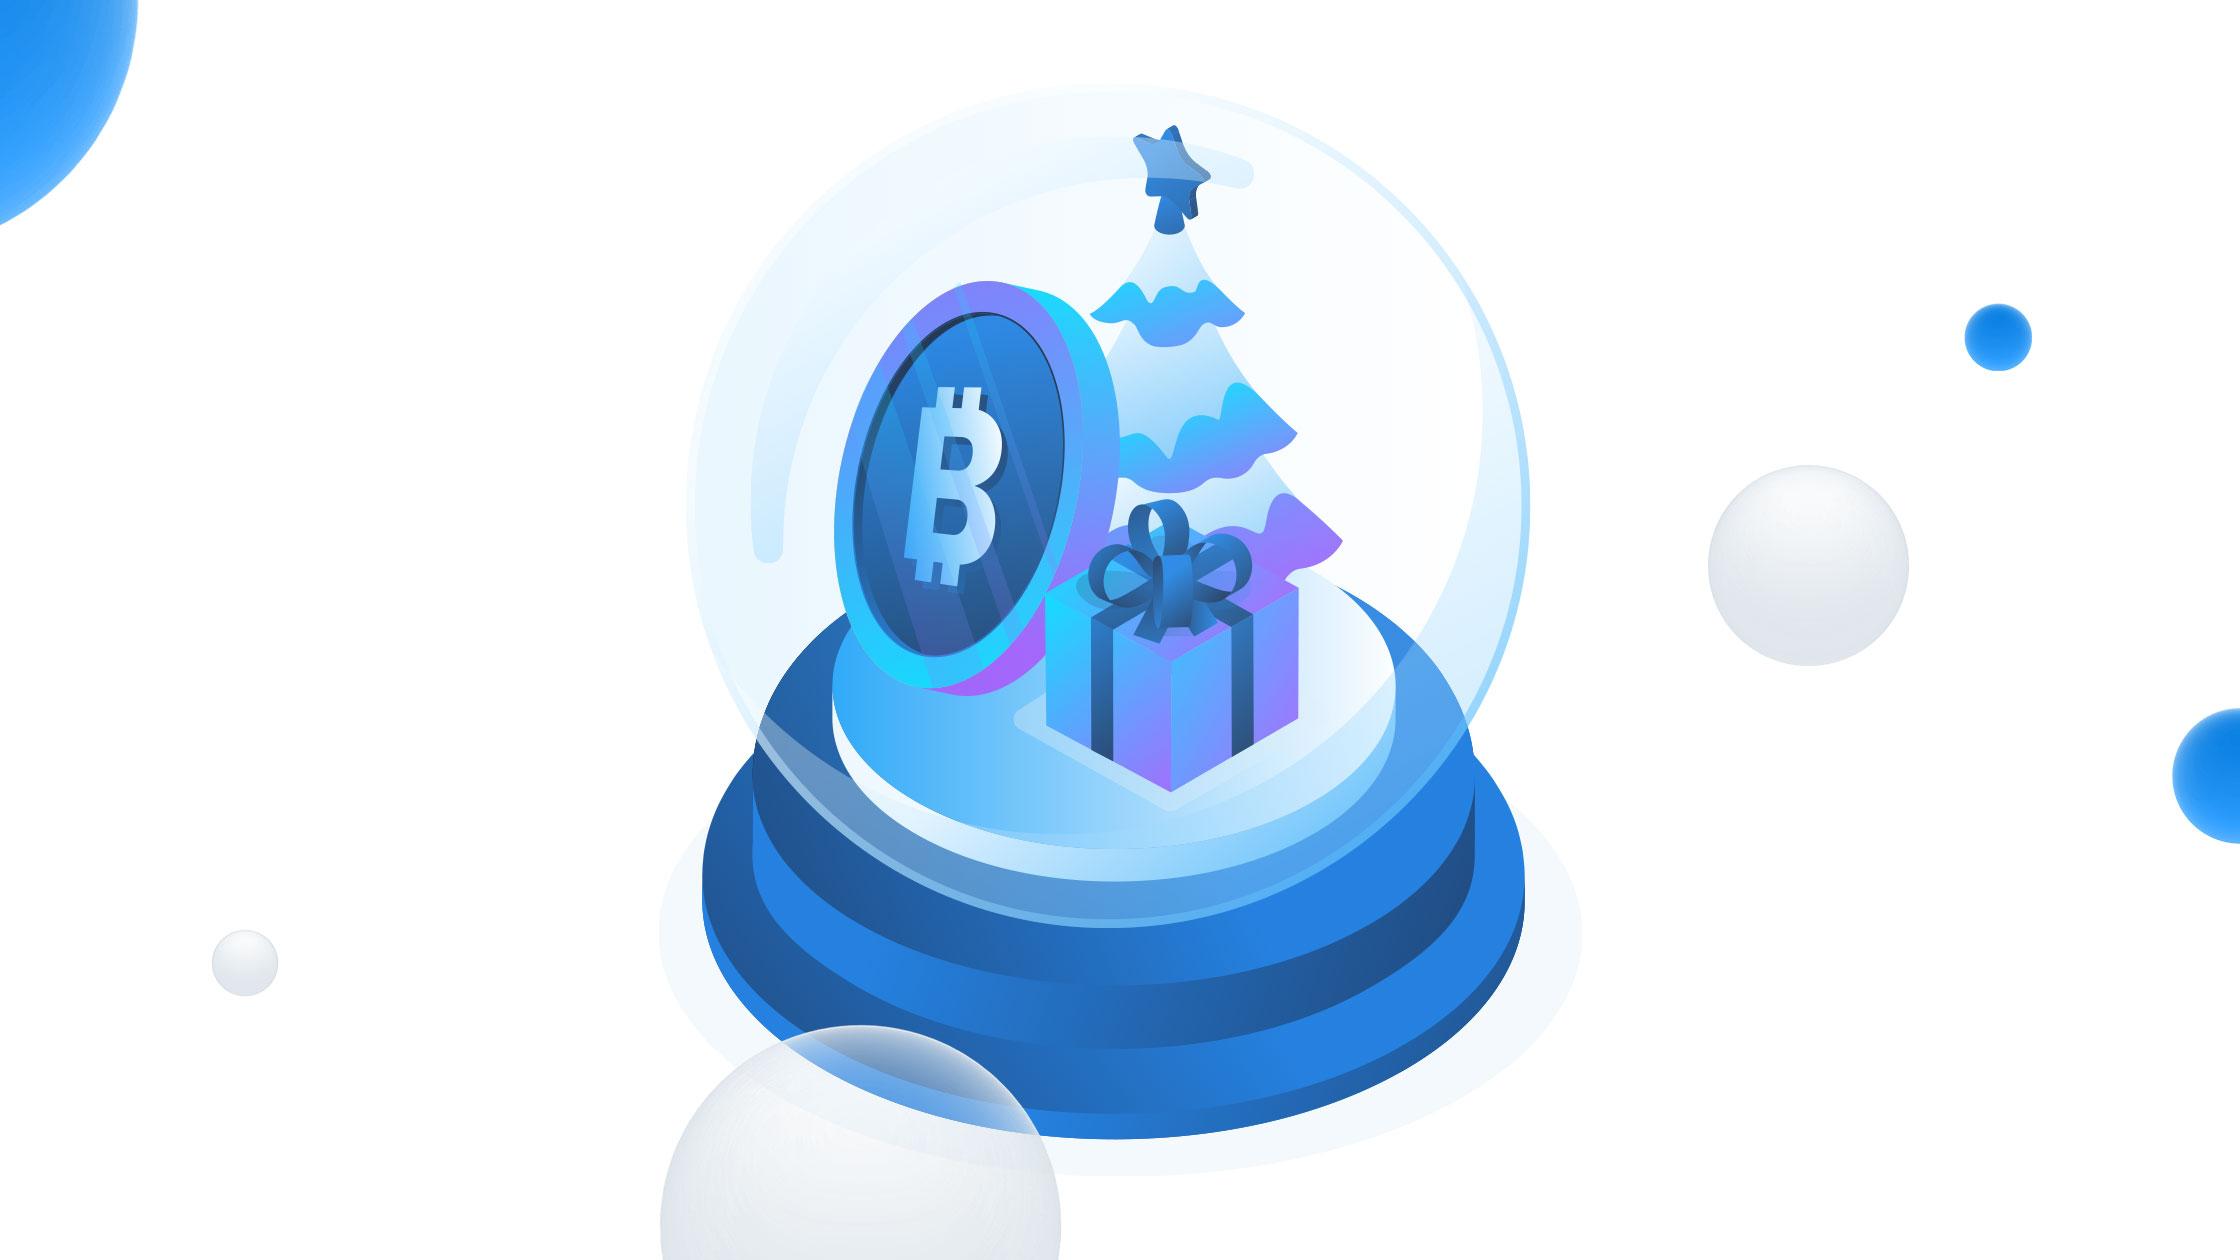 HODL-ing Through the Crypto Winter